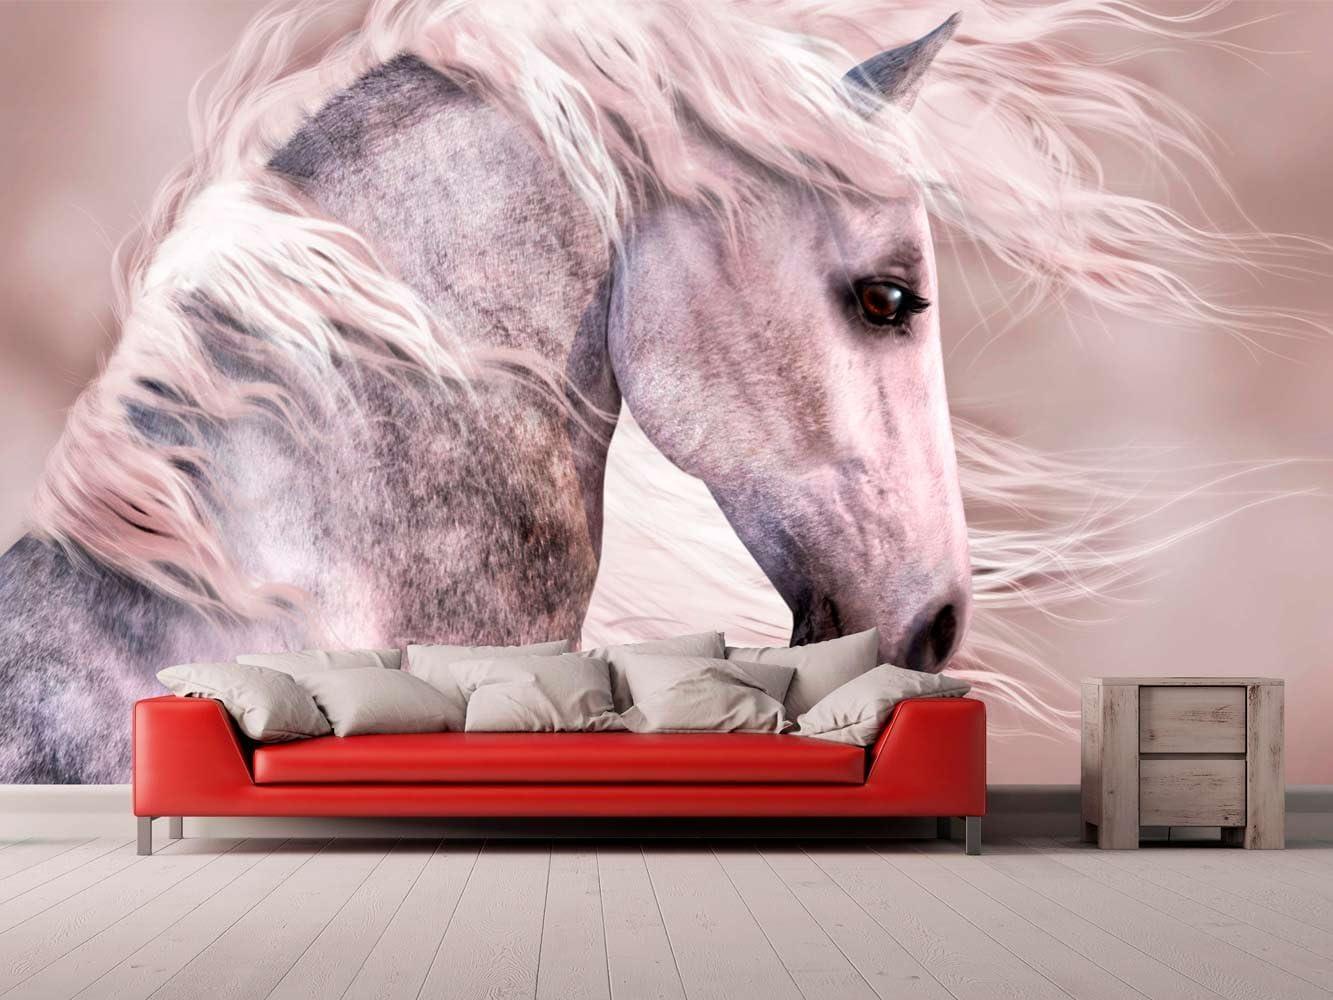 Fotomural Vinilo para Pared Caballo Blanco | Fotomural para Paredes | Mural | Vinilo Decorativo | Varias Medidas 200 x 150 cm | Decoración comedores, Salones, Habitaciones.